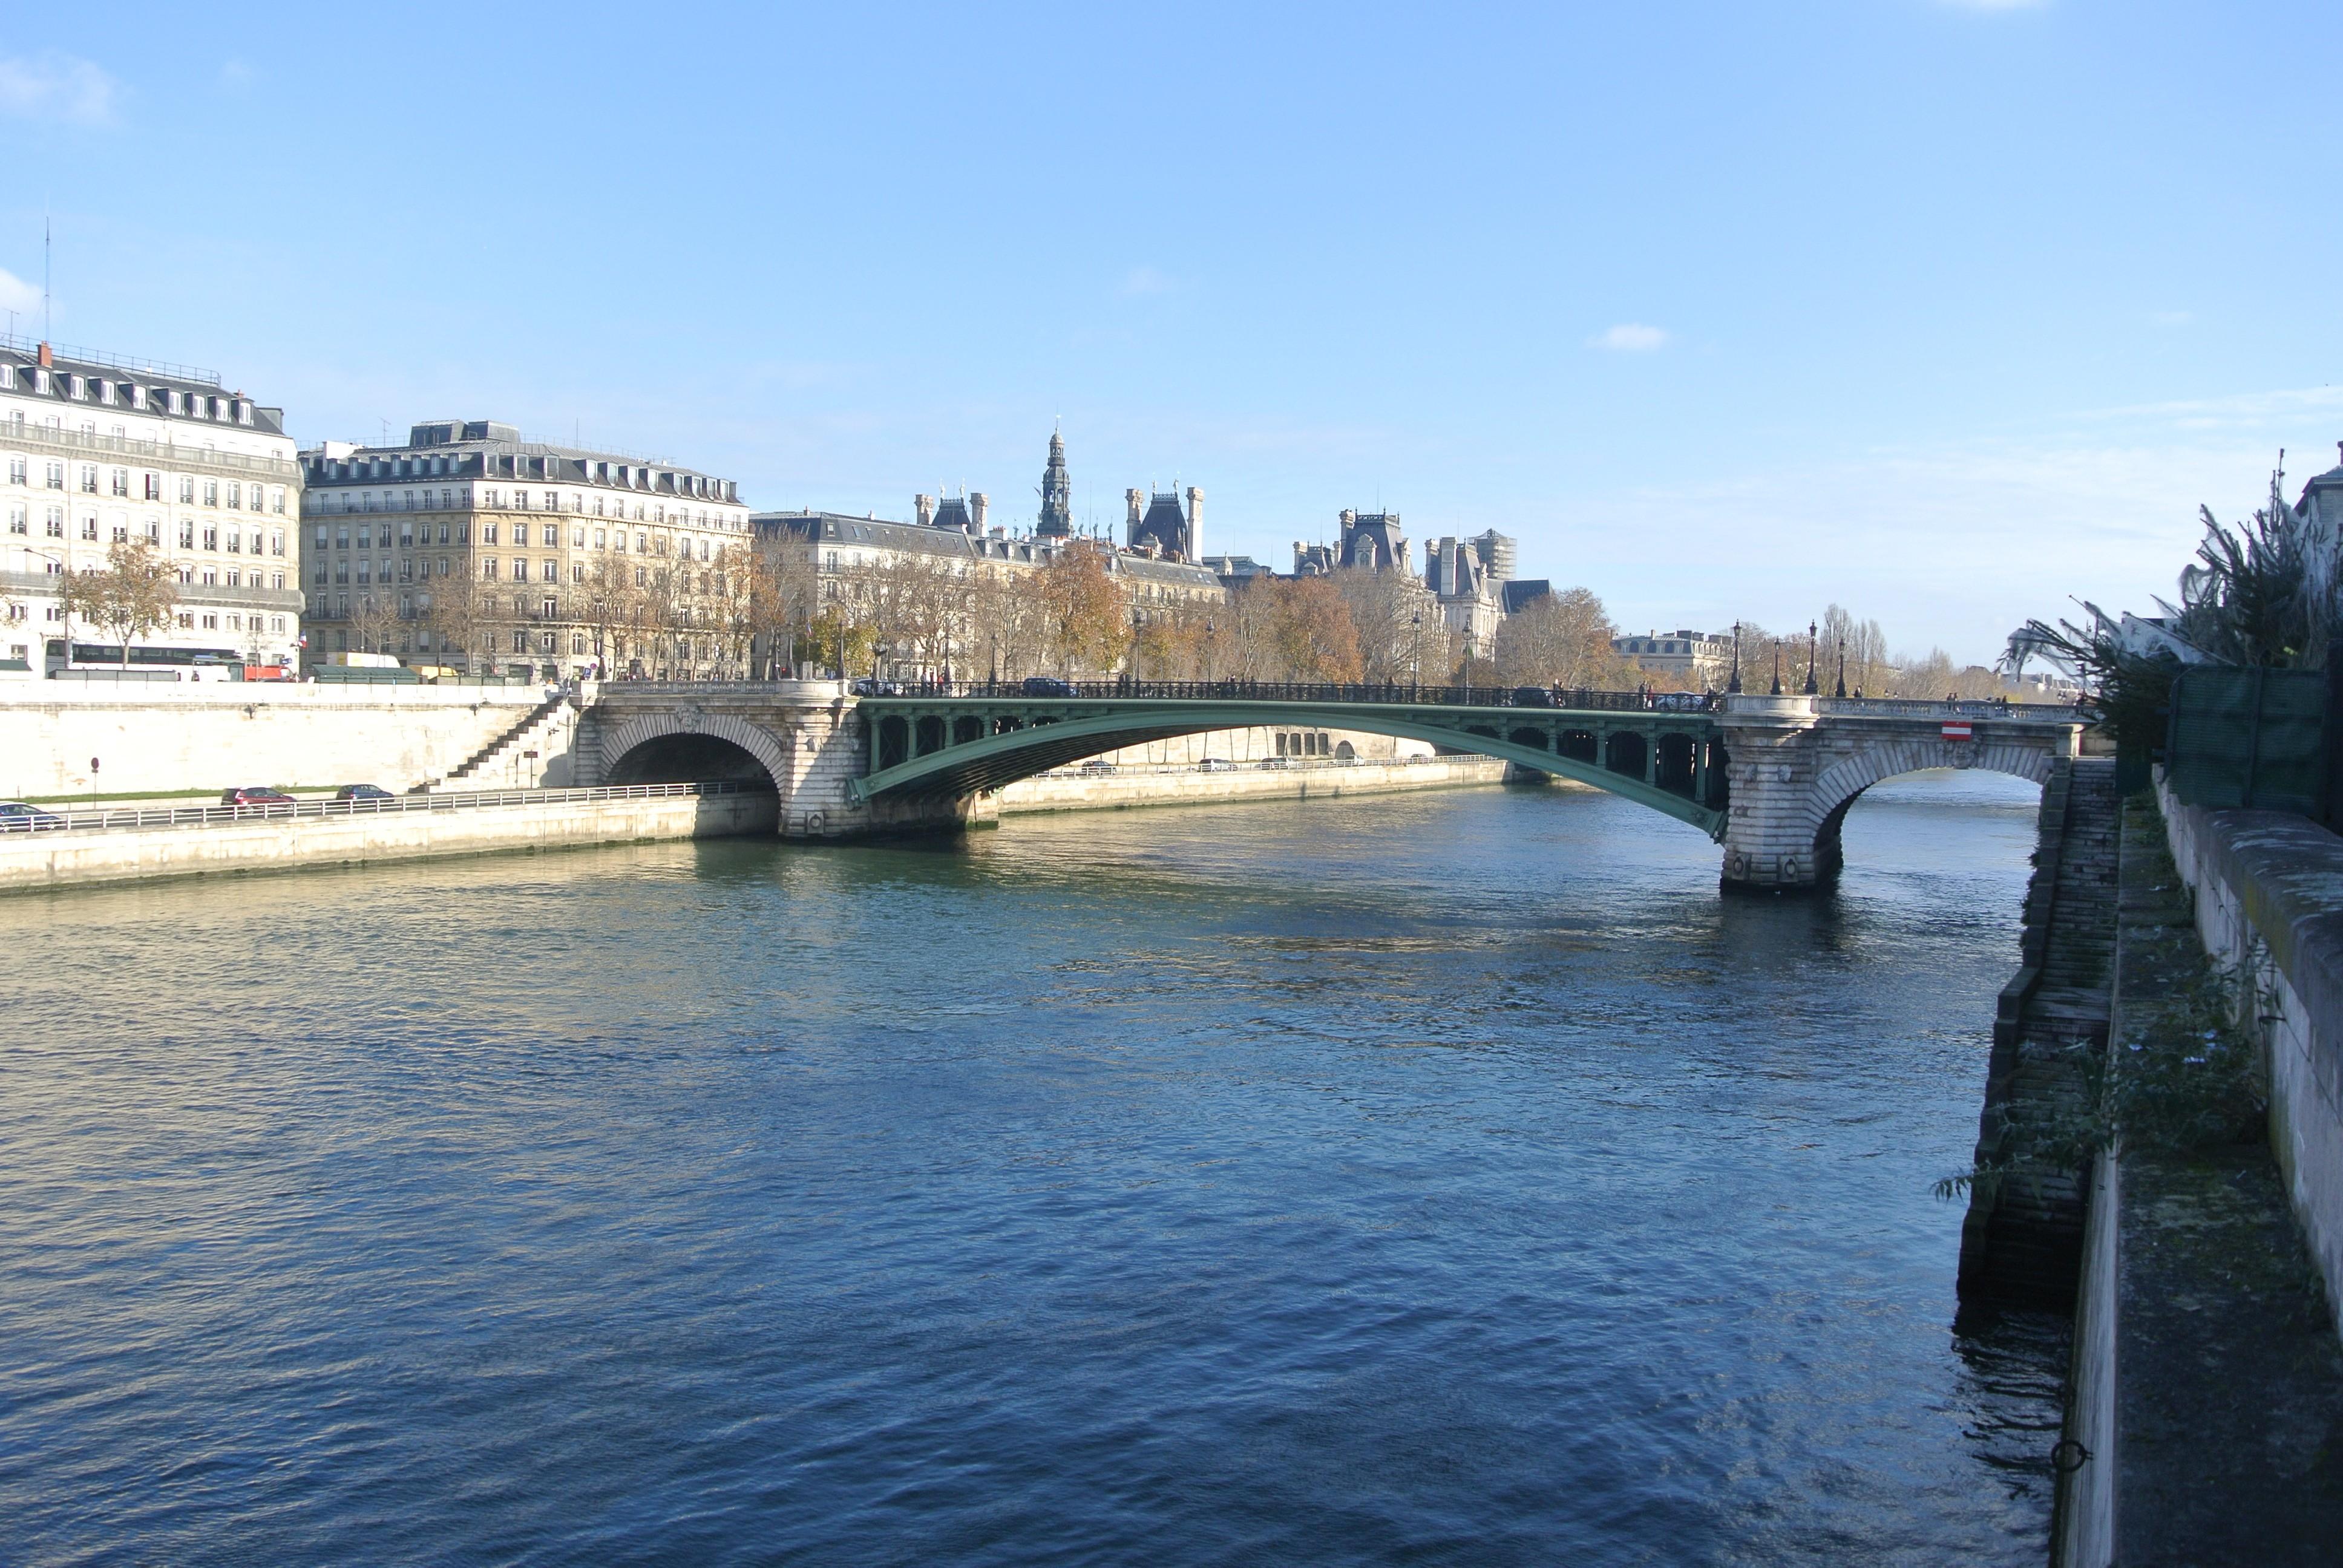 River Seine, Paris | Todd's Travels Travel Blog